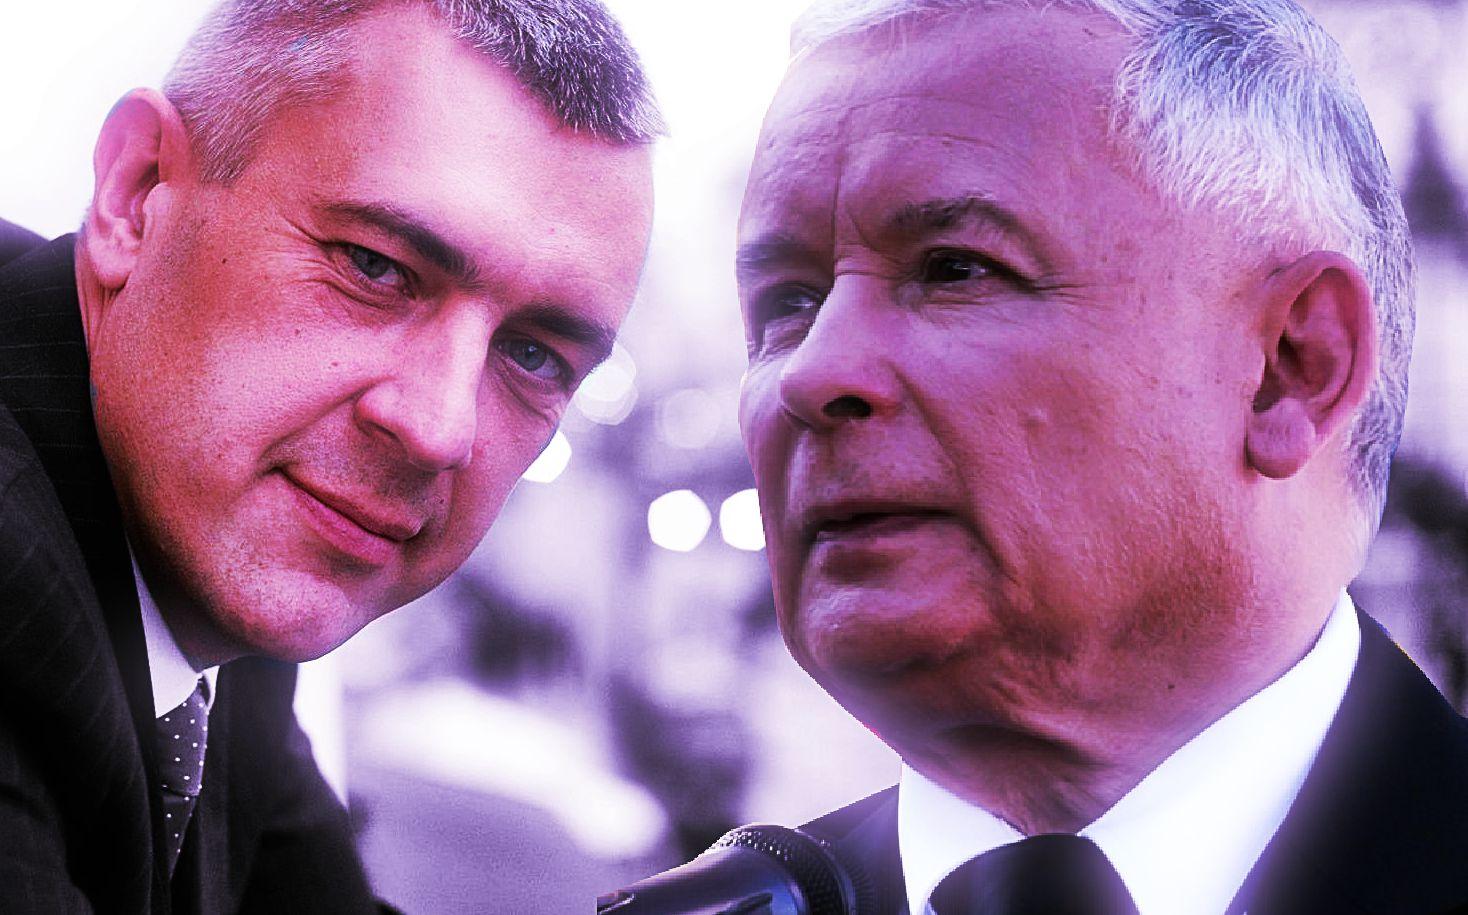 MIAŻDŻĄCO celne pytanie Giertycha po przemówieniu Kaczyńskiego!